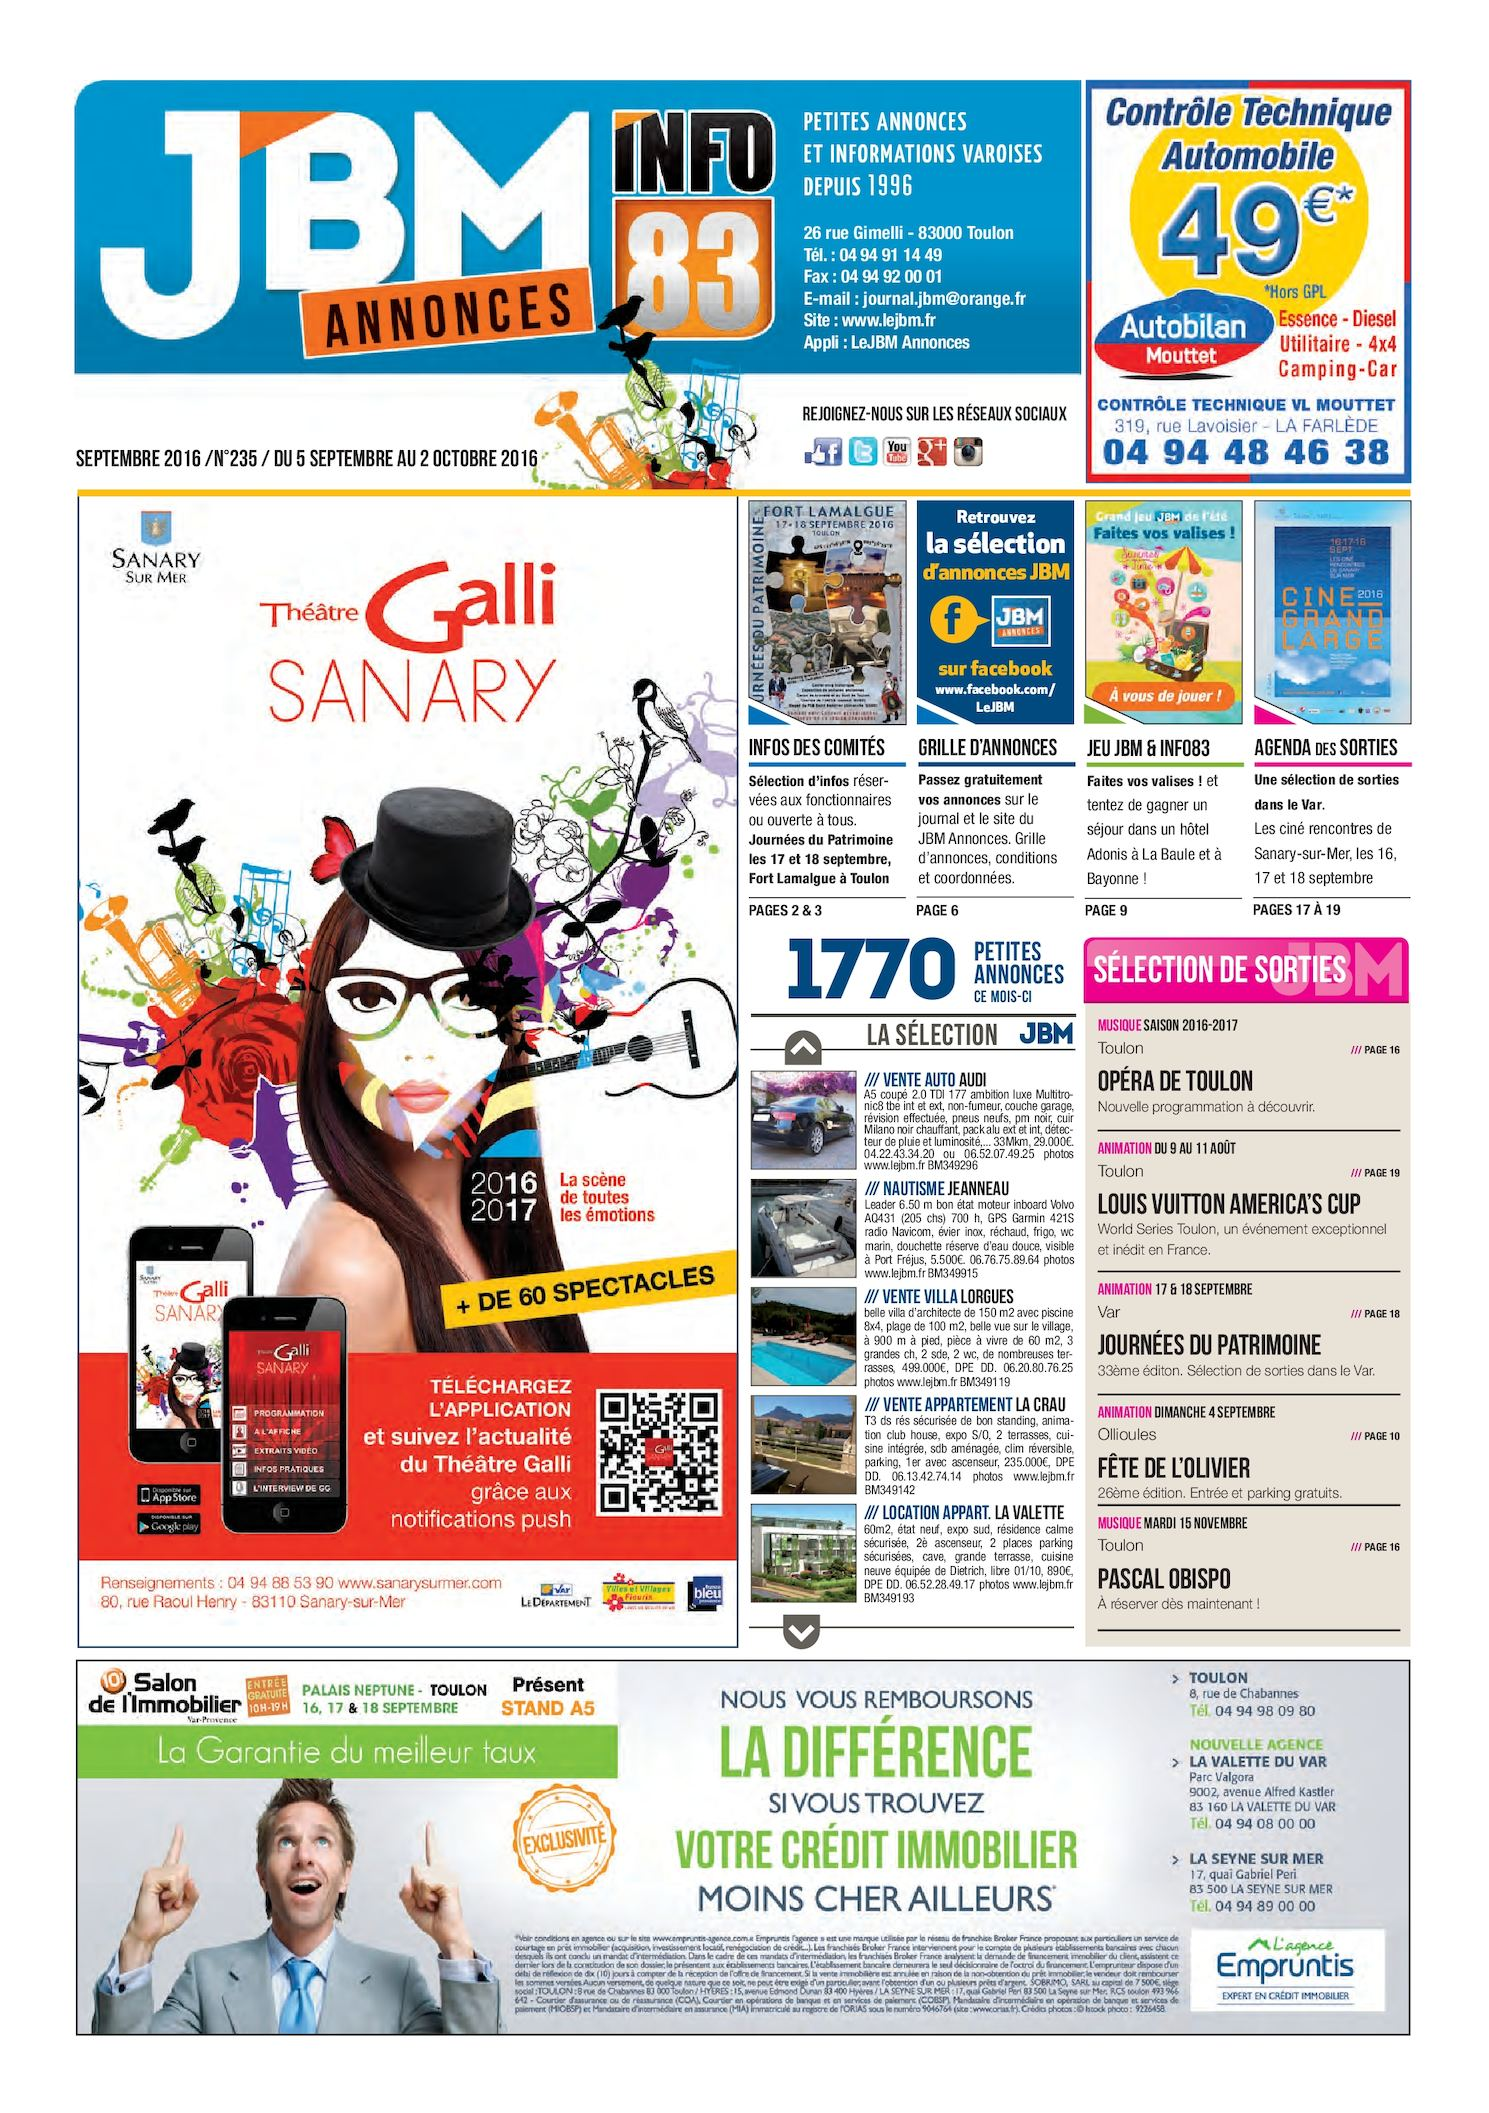 Calaméo - Journal JBM Annonces n°235 Septembre 2016 4eba98ace5a